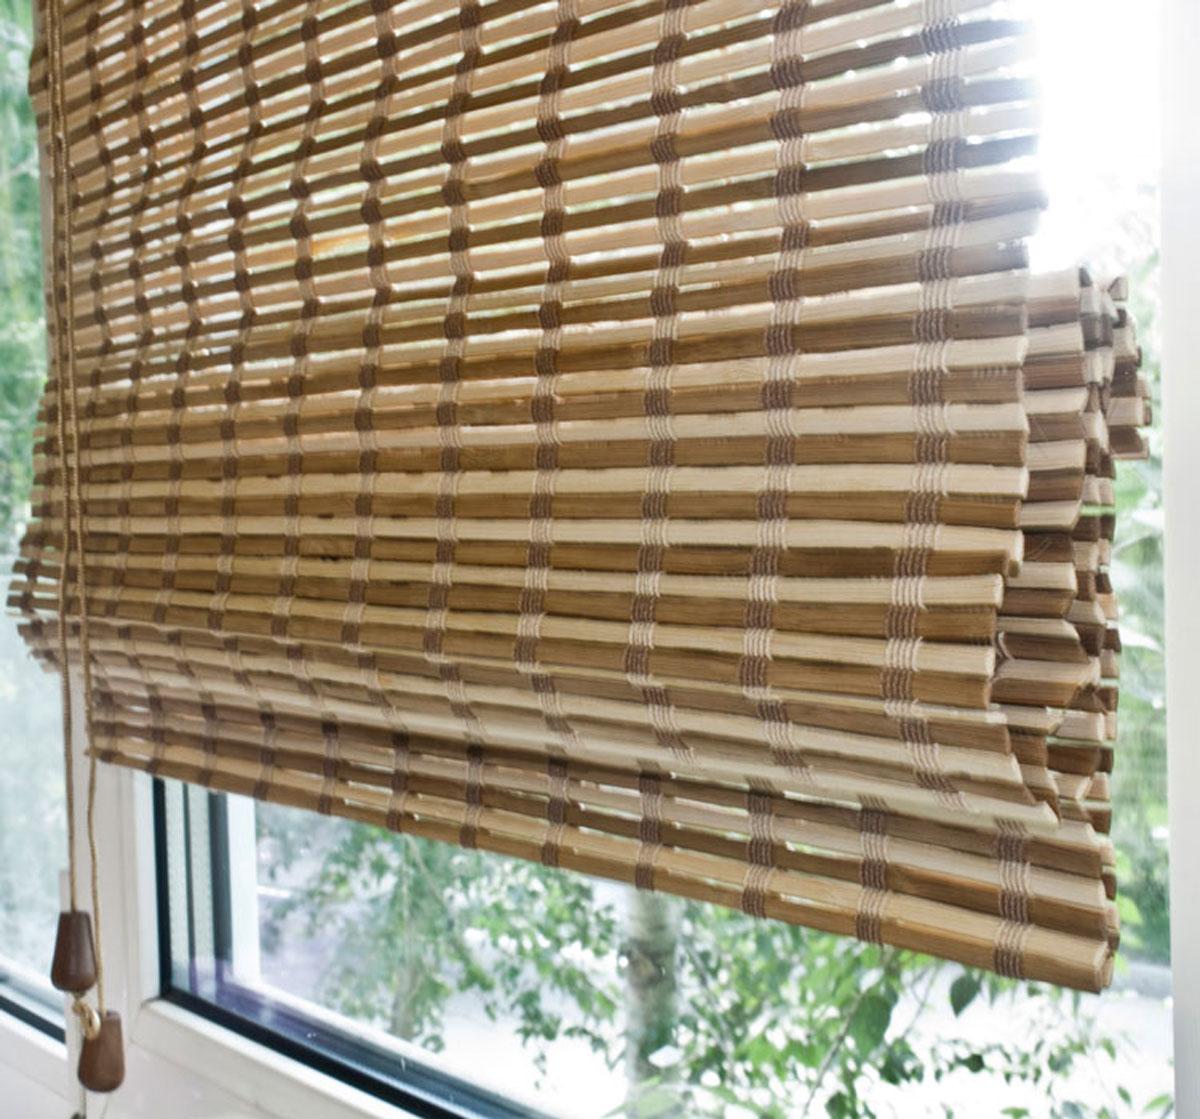 Римская штора Эскар, бамбуковая, цвет: коричневый, бежевый, ширина 100 см, высота 160 смRC-100BPCРимская штора Эскар, выполненная из натурального бамбука, является оригинальным современным аксессуаром для создания необычного интерьера в восточном или минималистичном стиле.Римская бамбуковая штора, как и тканевая римская штора, при поднятии образует крупные складки, которые прекрасно декорируют окно. Особенность устройства полотна позволяет свободно пропускать дневной свет, что обеспечивает мягкое освещение комнаты. Римская штора из натурального влагоустойчивого материала легко вписывается в любой интерьер, хорошо сочетается с различной мебелью и элементами отделки. Использование бамбукового полотна придает помещению необычный вид и визуально расширяет пространство. Бамбуковые шторы требуют только сухого ухода: пылесосом, щеткой, веником или влажной (но не мокрой!) губкой. Комплект для монтажа прилагается.